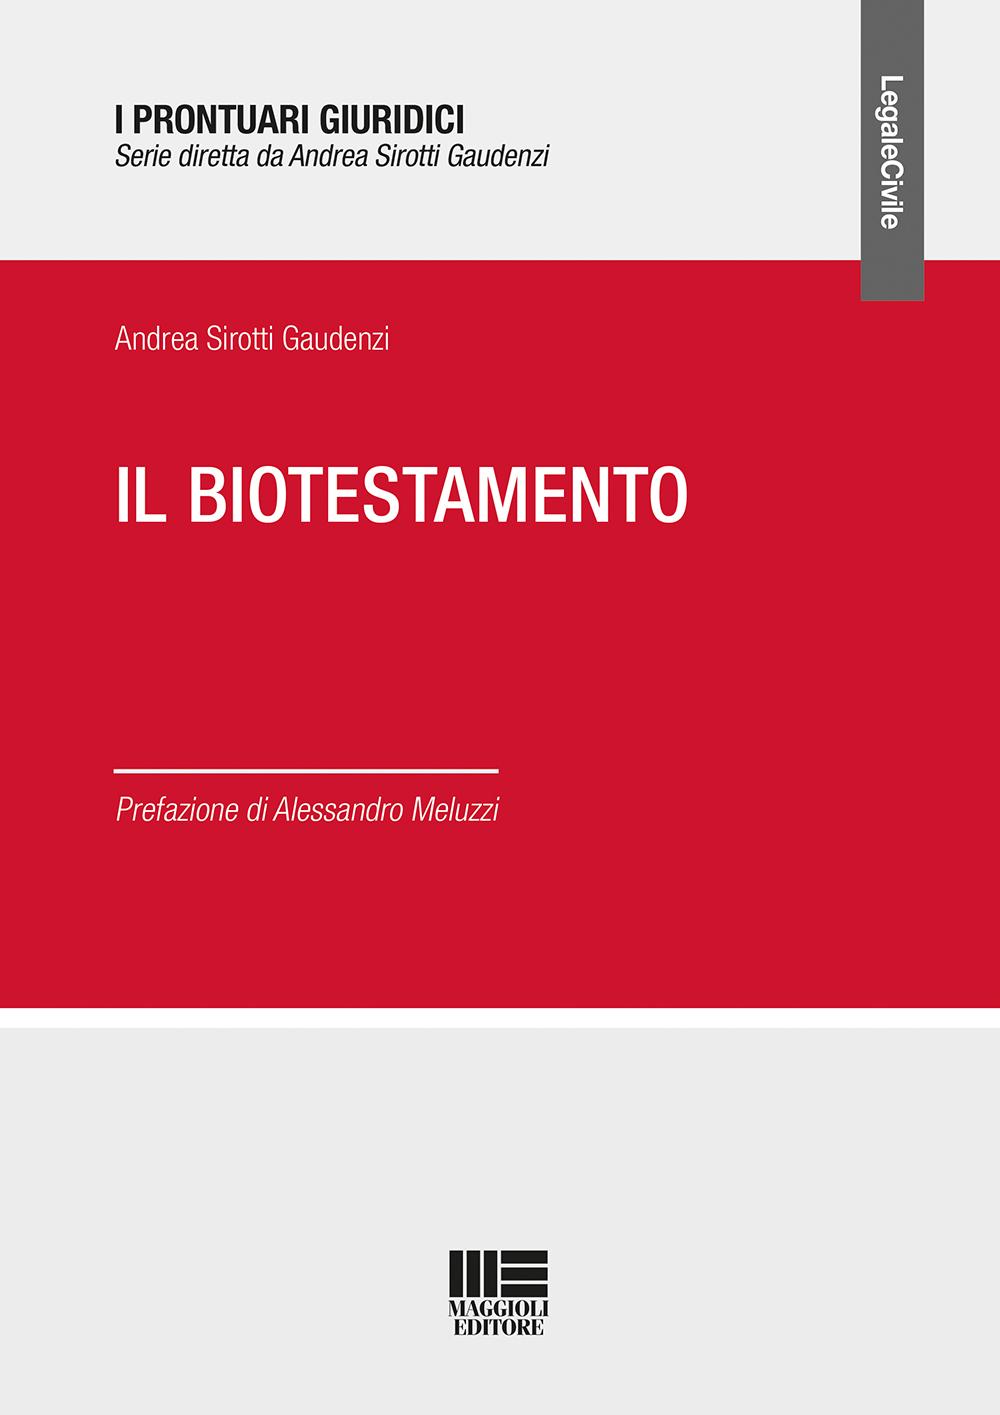 Il biotestamento - Libro carta